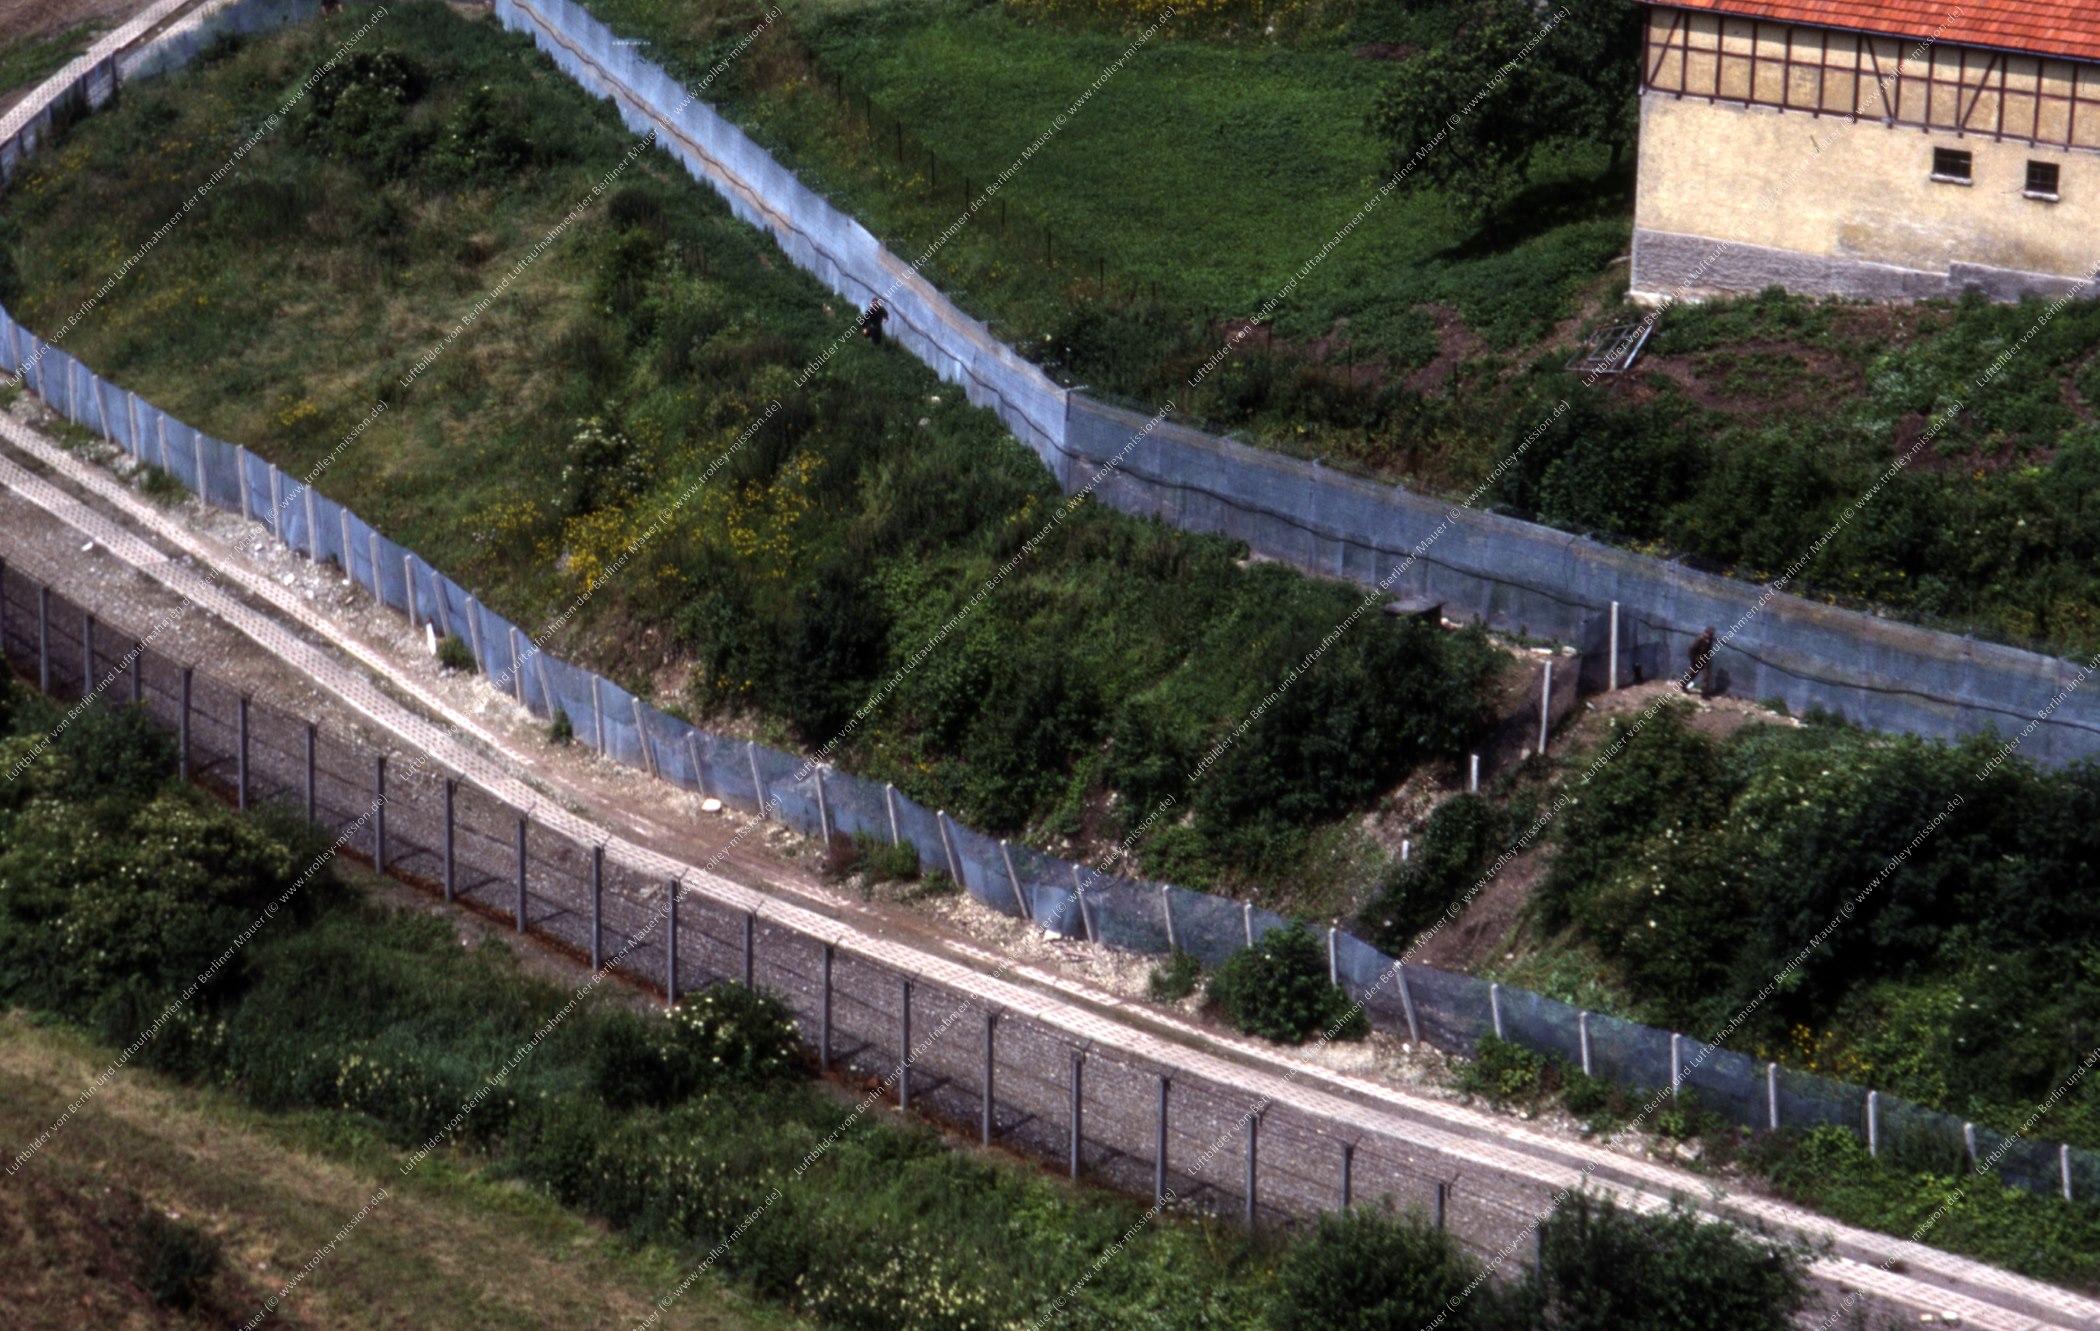 Vermutlich innerdeutsche Grenze (BRD/DDR) Hubschrauber und Bundesgrenzschutz (Bild 122)